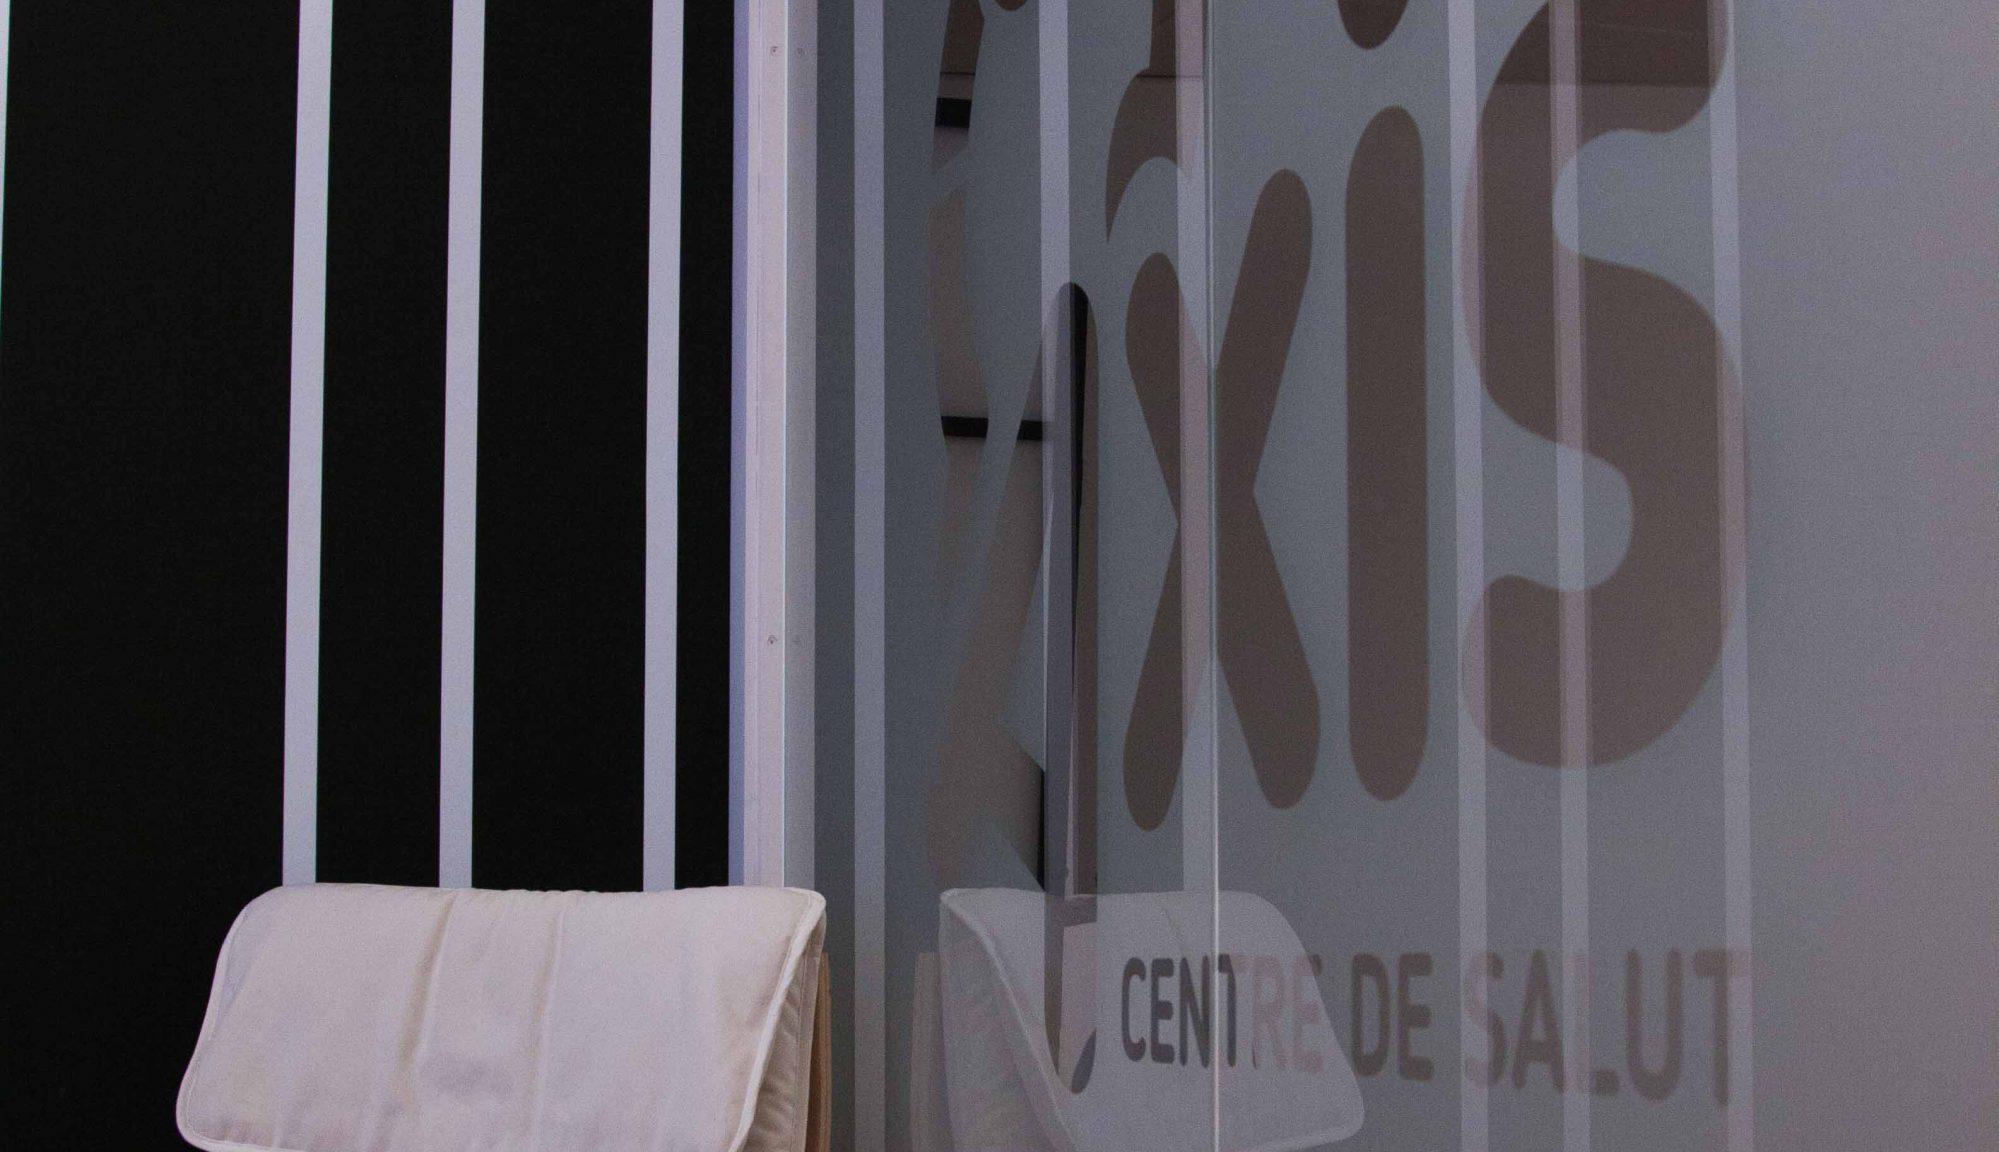 Axis Centre De Salut